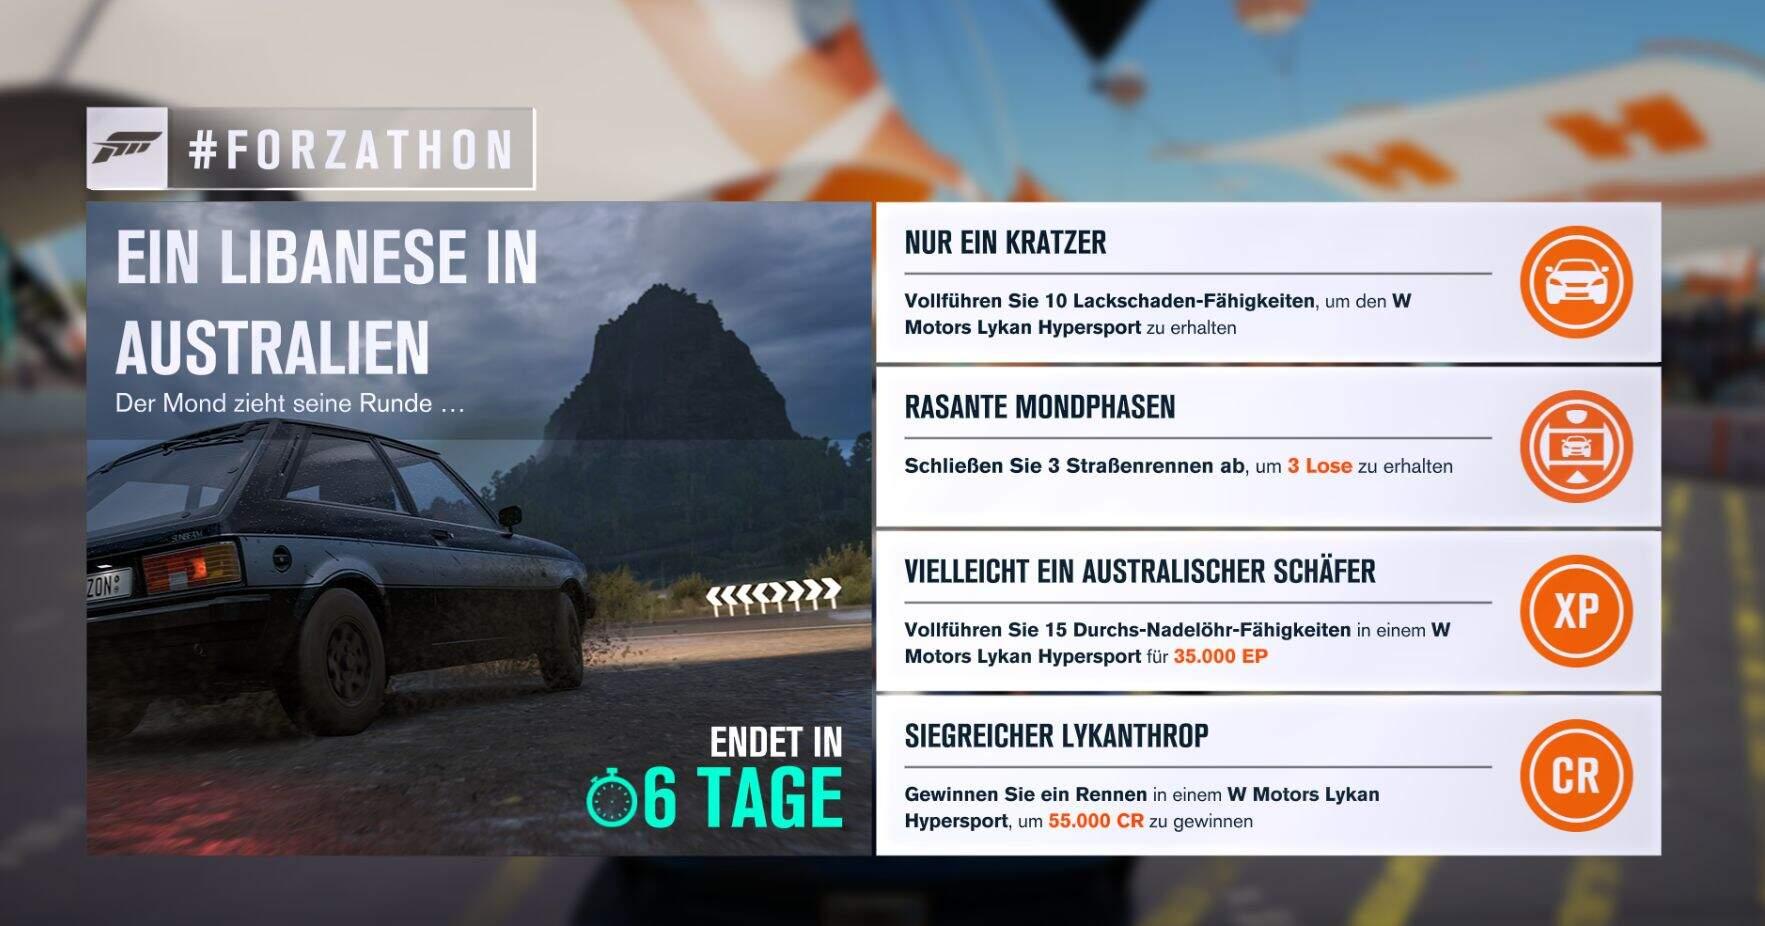 Forza Horizon 3 Forzathon KW 03 / 2019